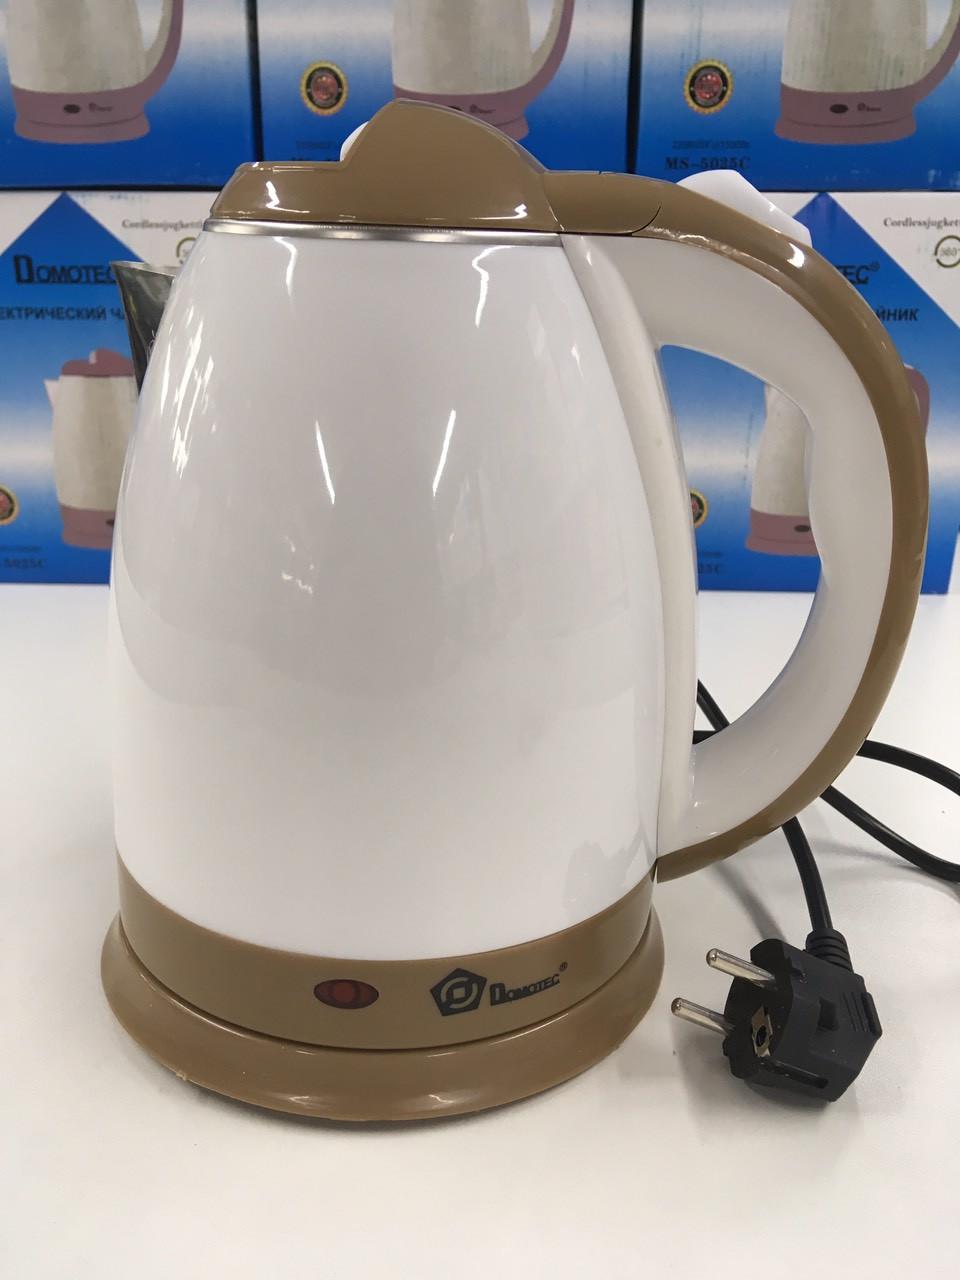 Чайник нержавейка DOMOTEC c пластиковой покрытие  MS-5025C Коричневый (12шт/ящ)